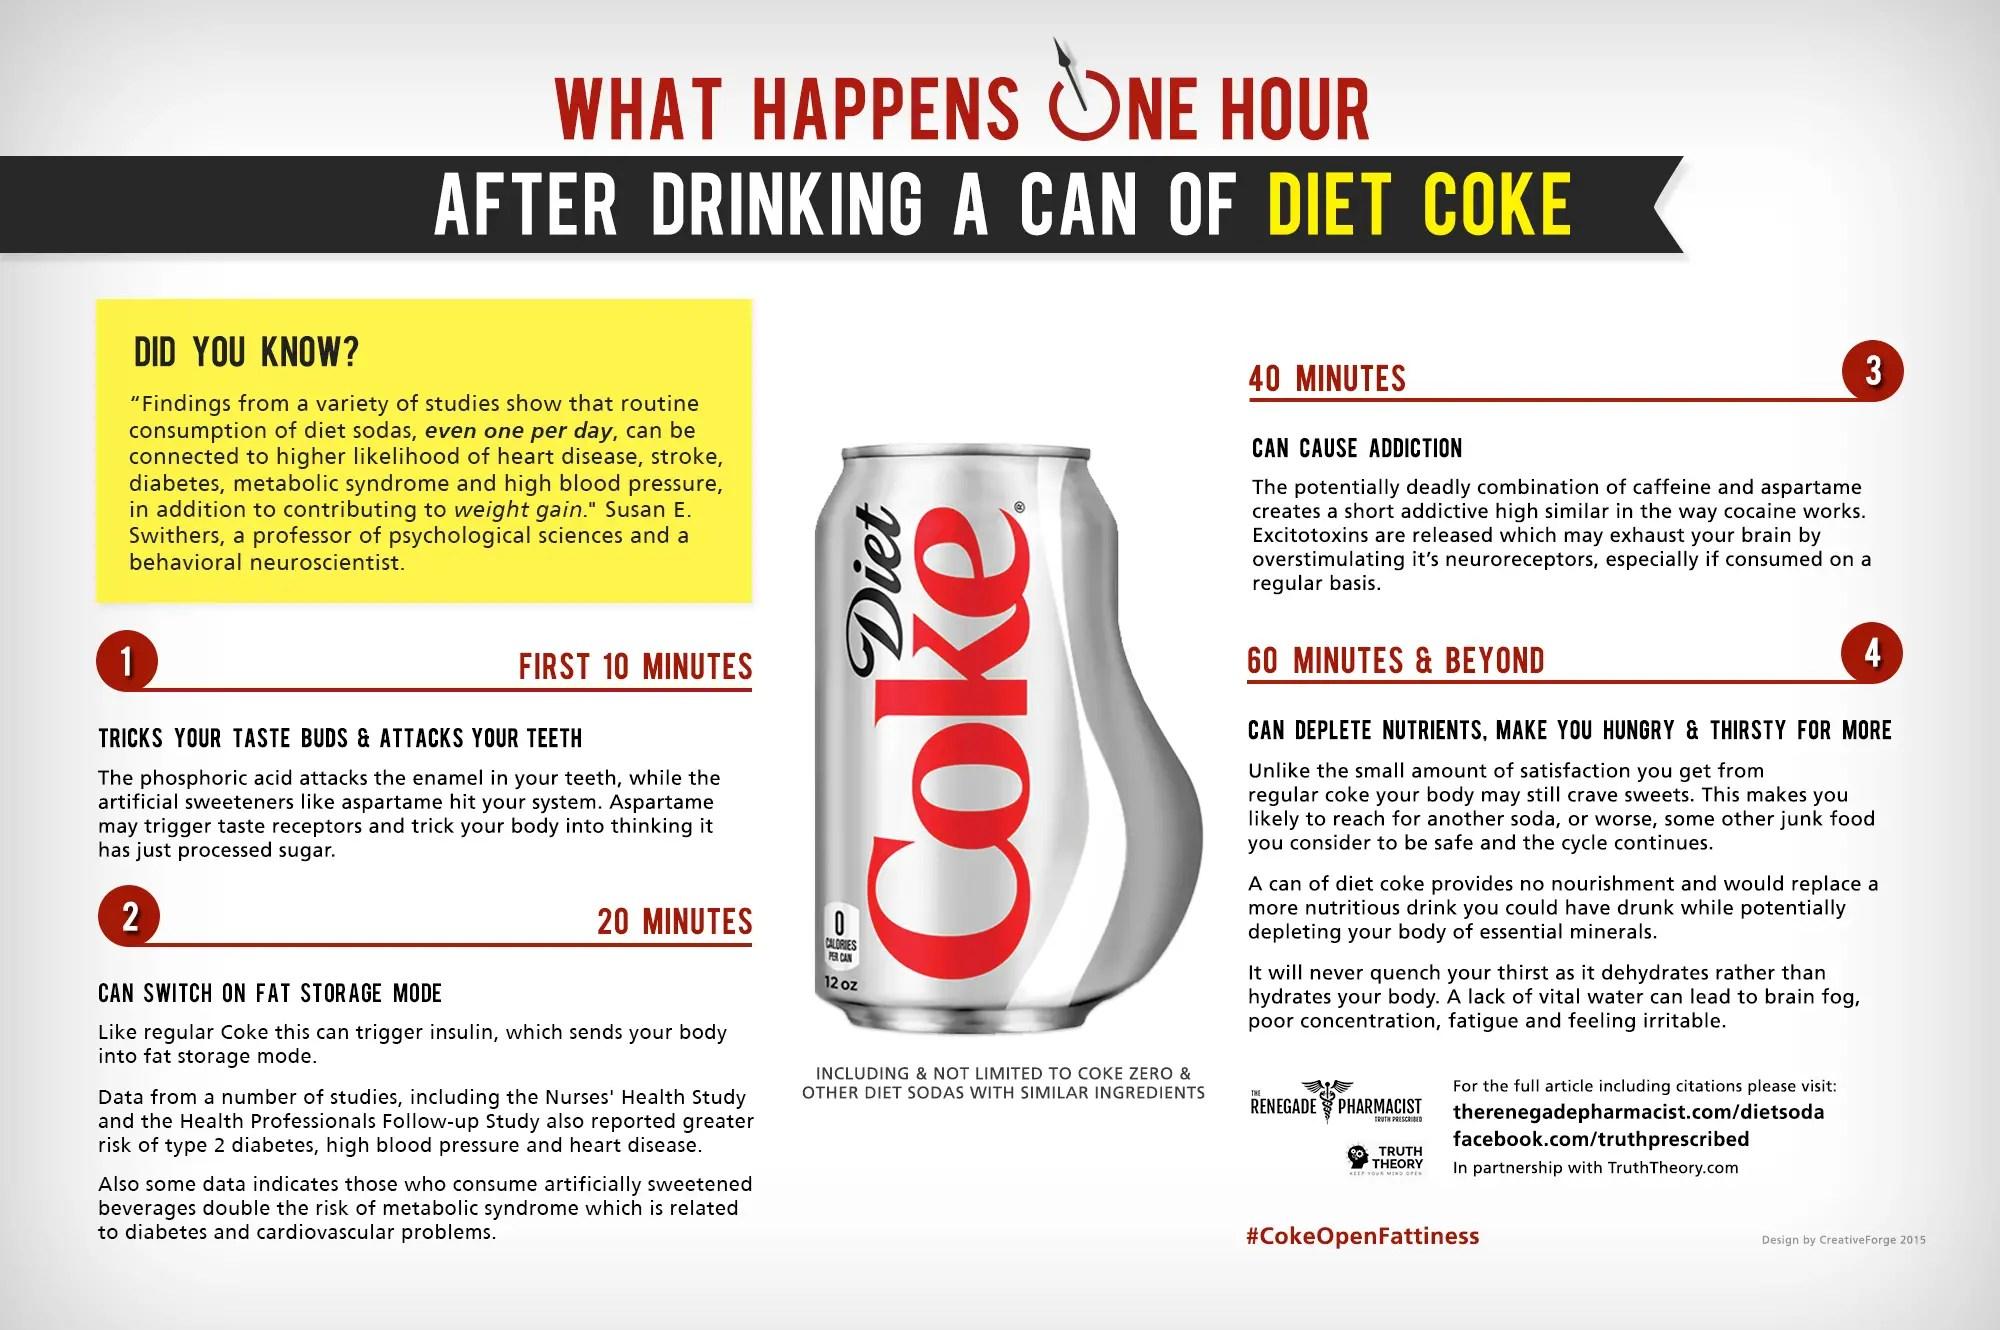 que le pasa a tu cuerpo una hora después de tomar una coca-cola